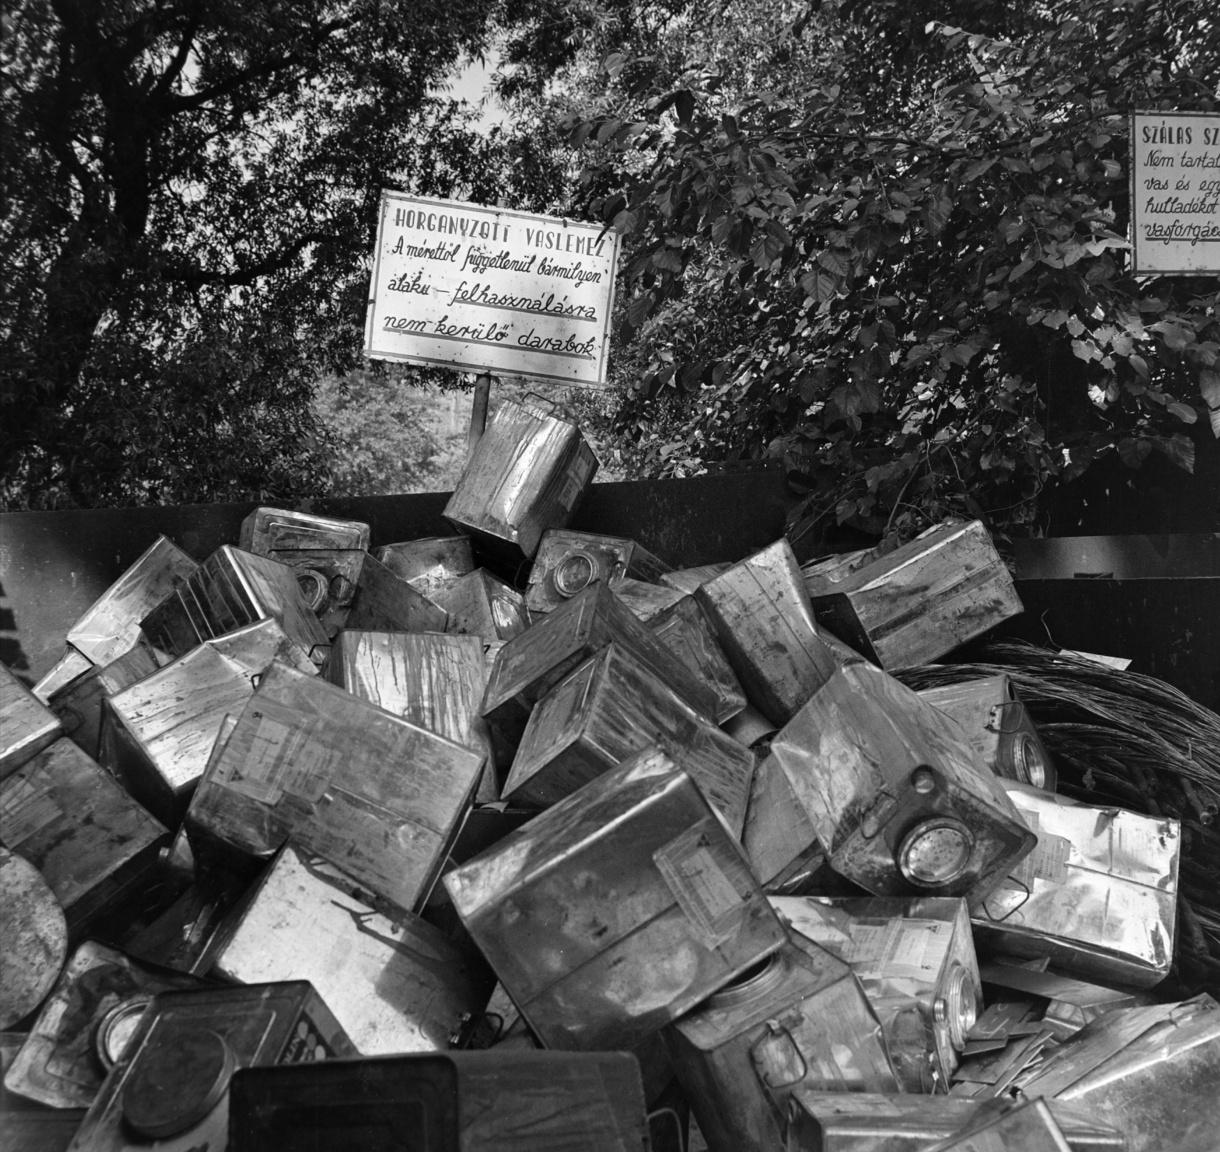 """""""Gyűjtsd a vasat és a fémet, ezzel is a békét véded!"""" - így szólt a jelszó a II. világháborút követő évtizedben Magyarországon. Az erőltetett iramban iparosodó, de nyersanyagban szegény országnak szüksége volt újrafeldolgozható fémre, papírra. A gyűjtés koordinálására hozták létre 1950-ben Melléktermék és Hulladék Egyesülést, a későbbi MÉH-et. A kereslet és kínálat azonban nehezen hangolódott össze. A képen horganyzott vaslamezek gyűjtésére szolgáló konténer, csurig tele használt fém festékdobozzal, miközben a festékgyárak arra panaszkodtak (1961, Figyelő), hogy """"a Kohó- és Gépipari Minisztériumhoz tartozó fémdoboz- gyártó vállalatok sem a mennyiségben, illetve választókban, sem pedig a csomagolóeszközök- minőségében nem tartanak lépést a festékipar ilyen irányú szükségletével. A 25 kg-os szögletes kannák és az 50 kg-os, festékhobokok esetében a festékipar krónikus problémákkal küzd""""."""